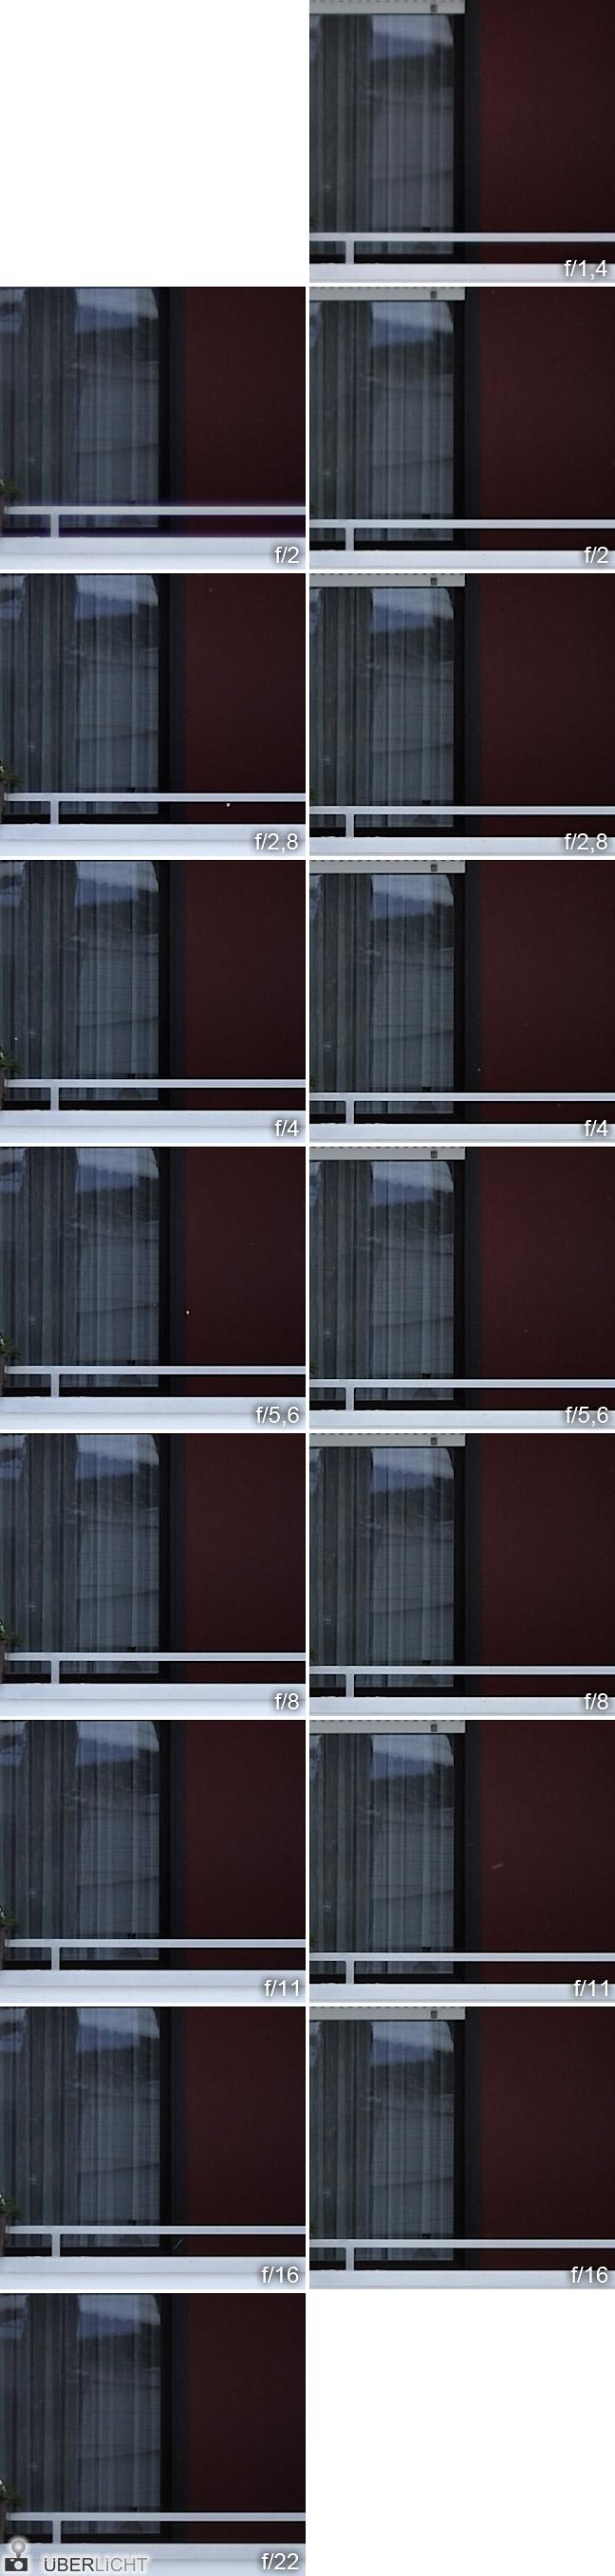 Nikon Nikkor 35 FX Mittenschaerfe Vergleich